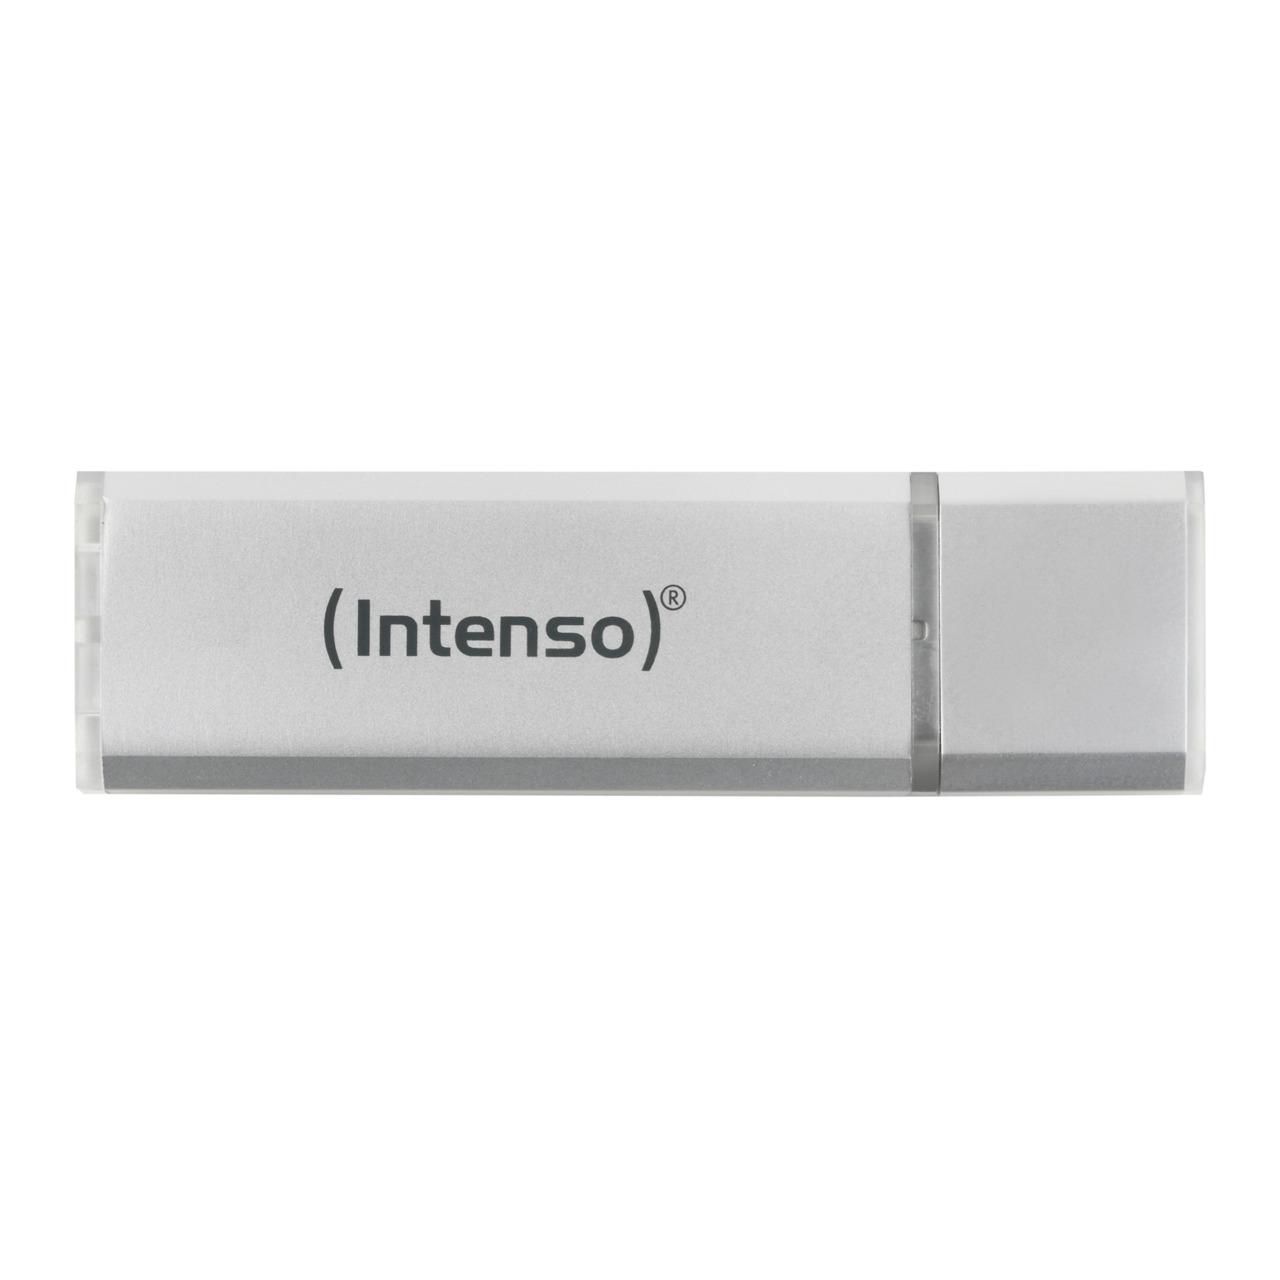 Intenso USB-Stick Ultra Line- USB 3-0- 16 GB